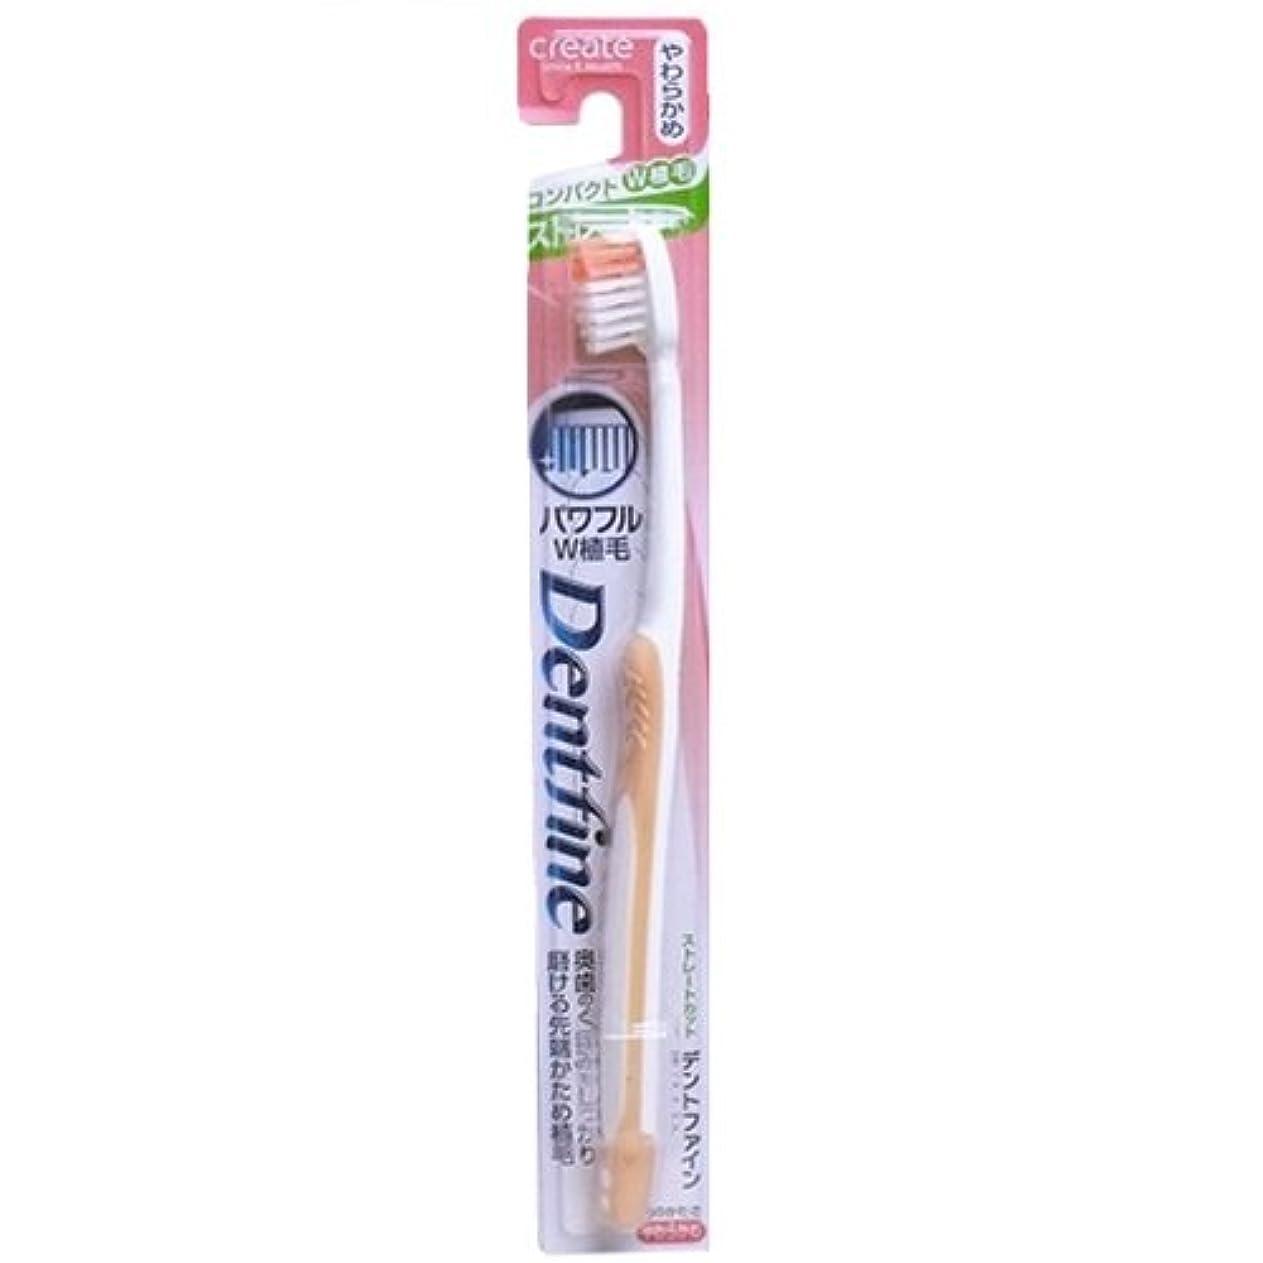 完璧アベニュー大学生デントファインラバーグリップ ストレートカット歯ブラシ やわらかめ 1本:オレンジ